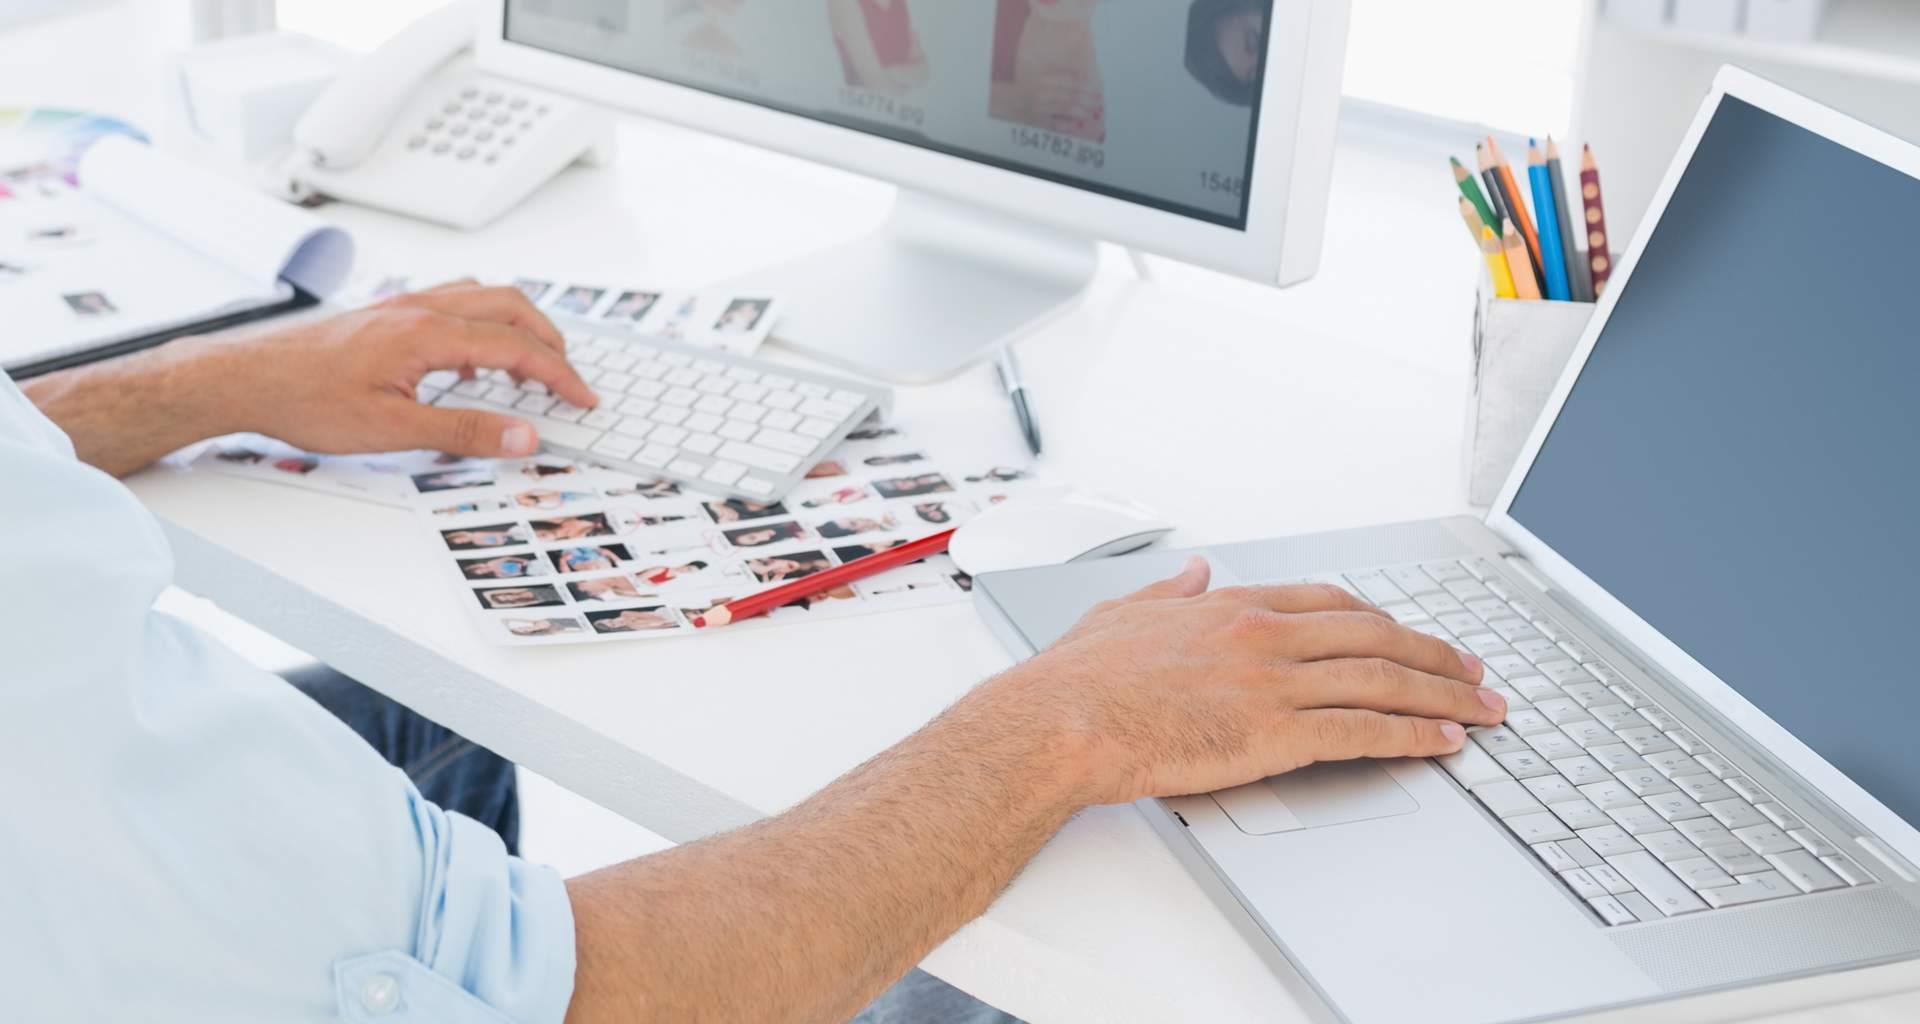 Potrebujete oglaševanje? Pomagali vam bomo najti primerno oglaševalsko rešitev za vaš izdelek ali storitev